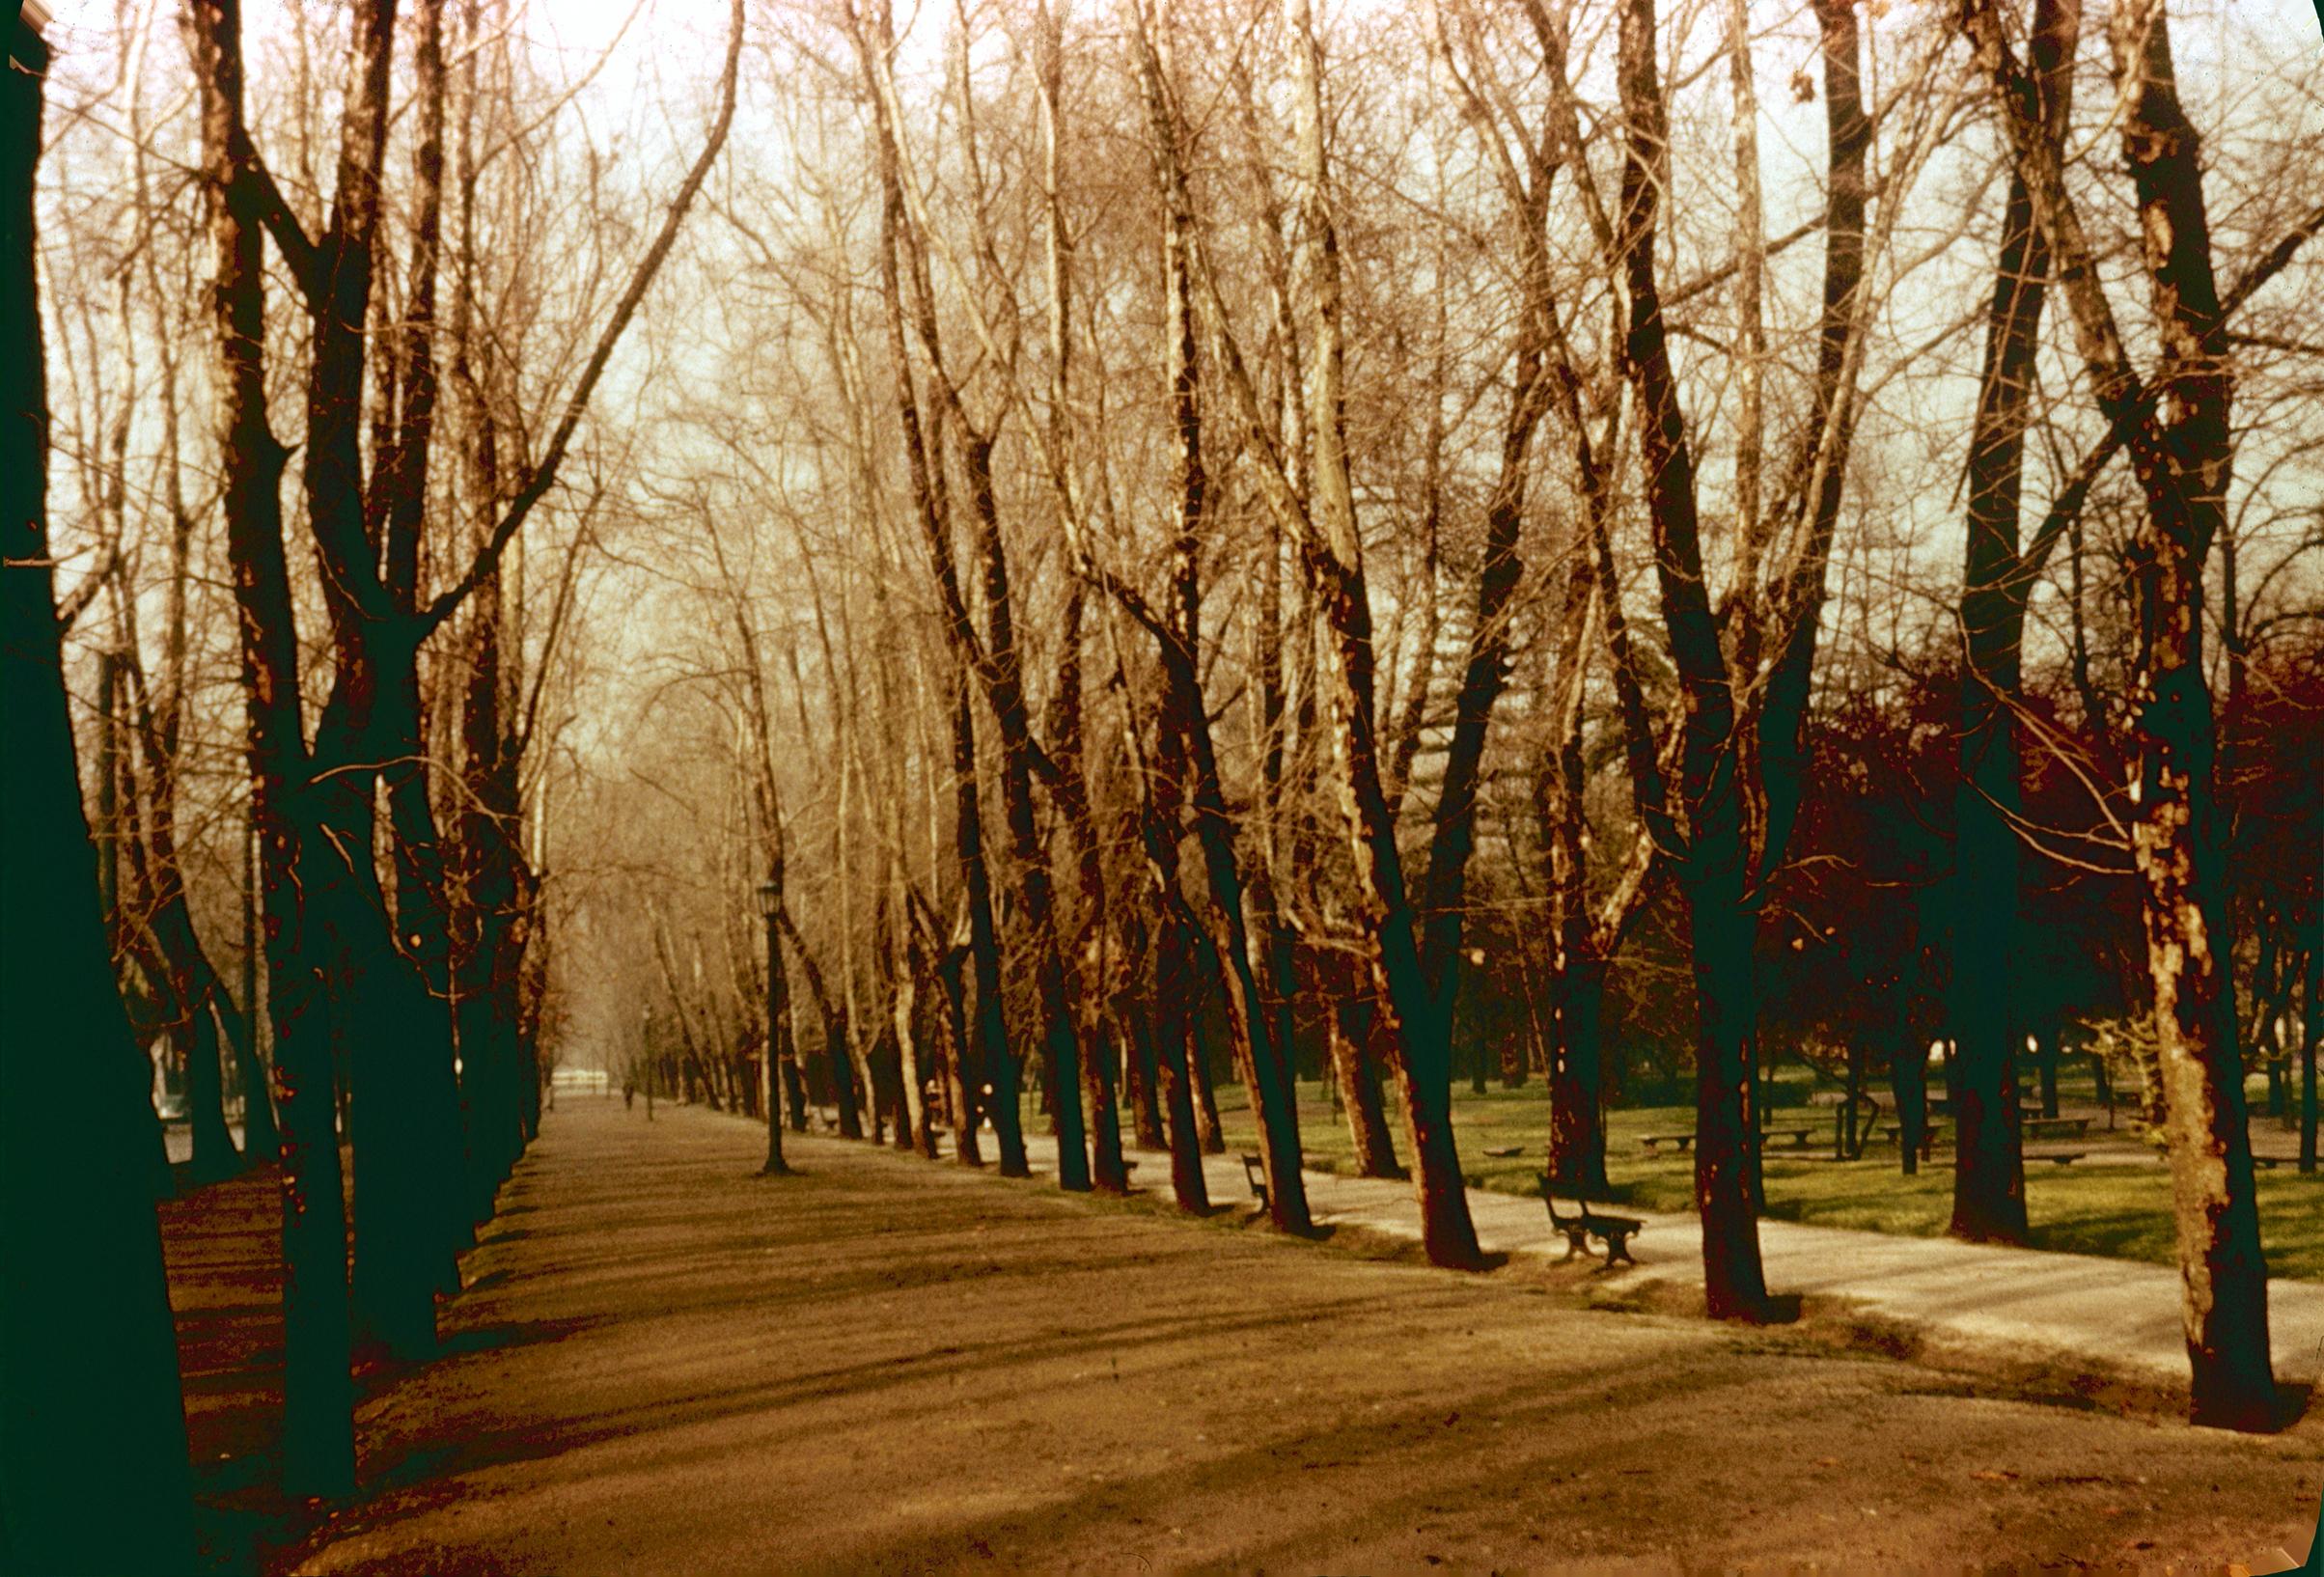 Enterreno - Fotos históricas de chile - fotos antiguas de Chile - Un paseo por el Parque Forestal en los 60´s